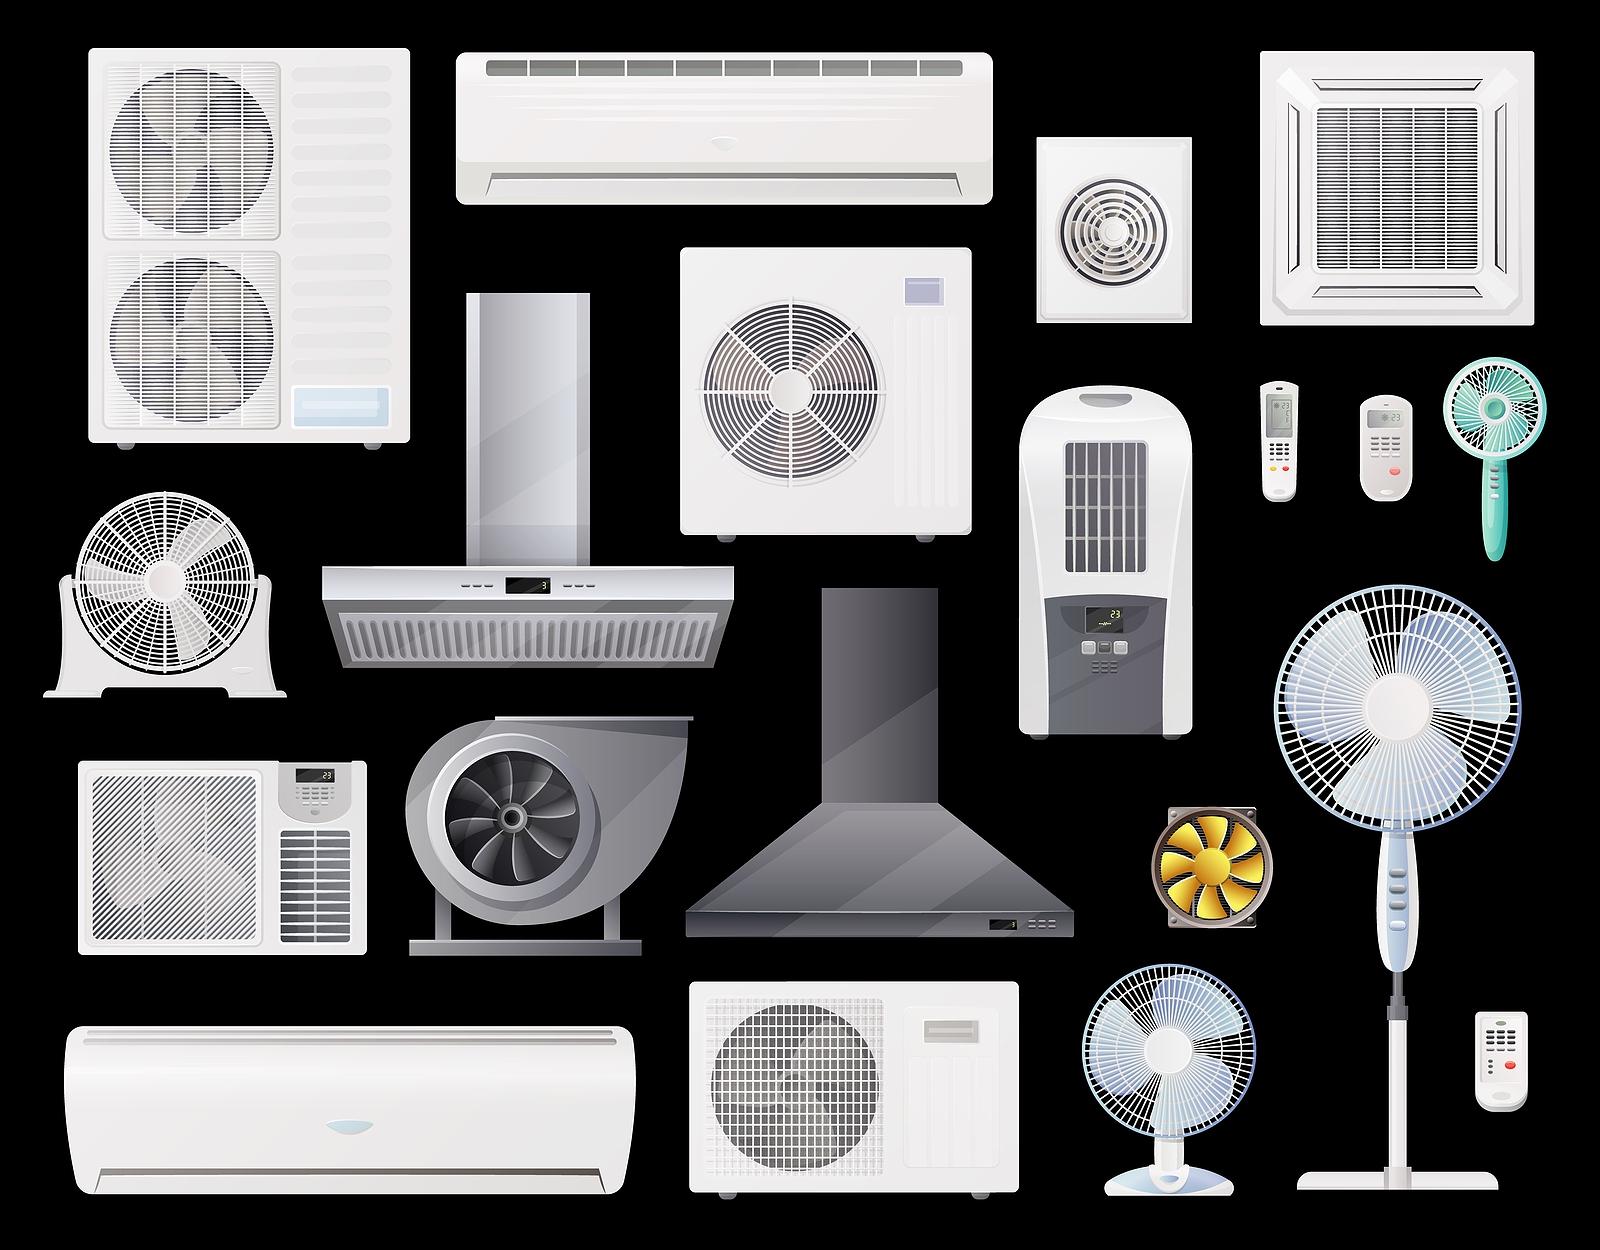 exhaust-fans-help-handle-summer-heat-wilcox-electric-dc